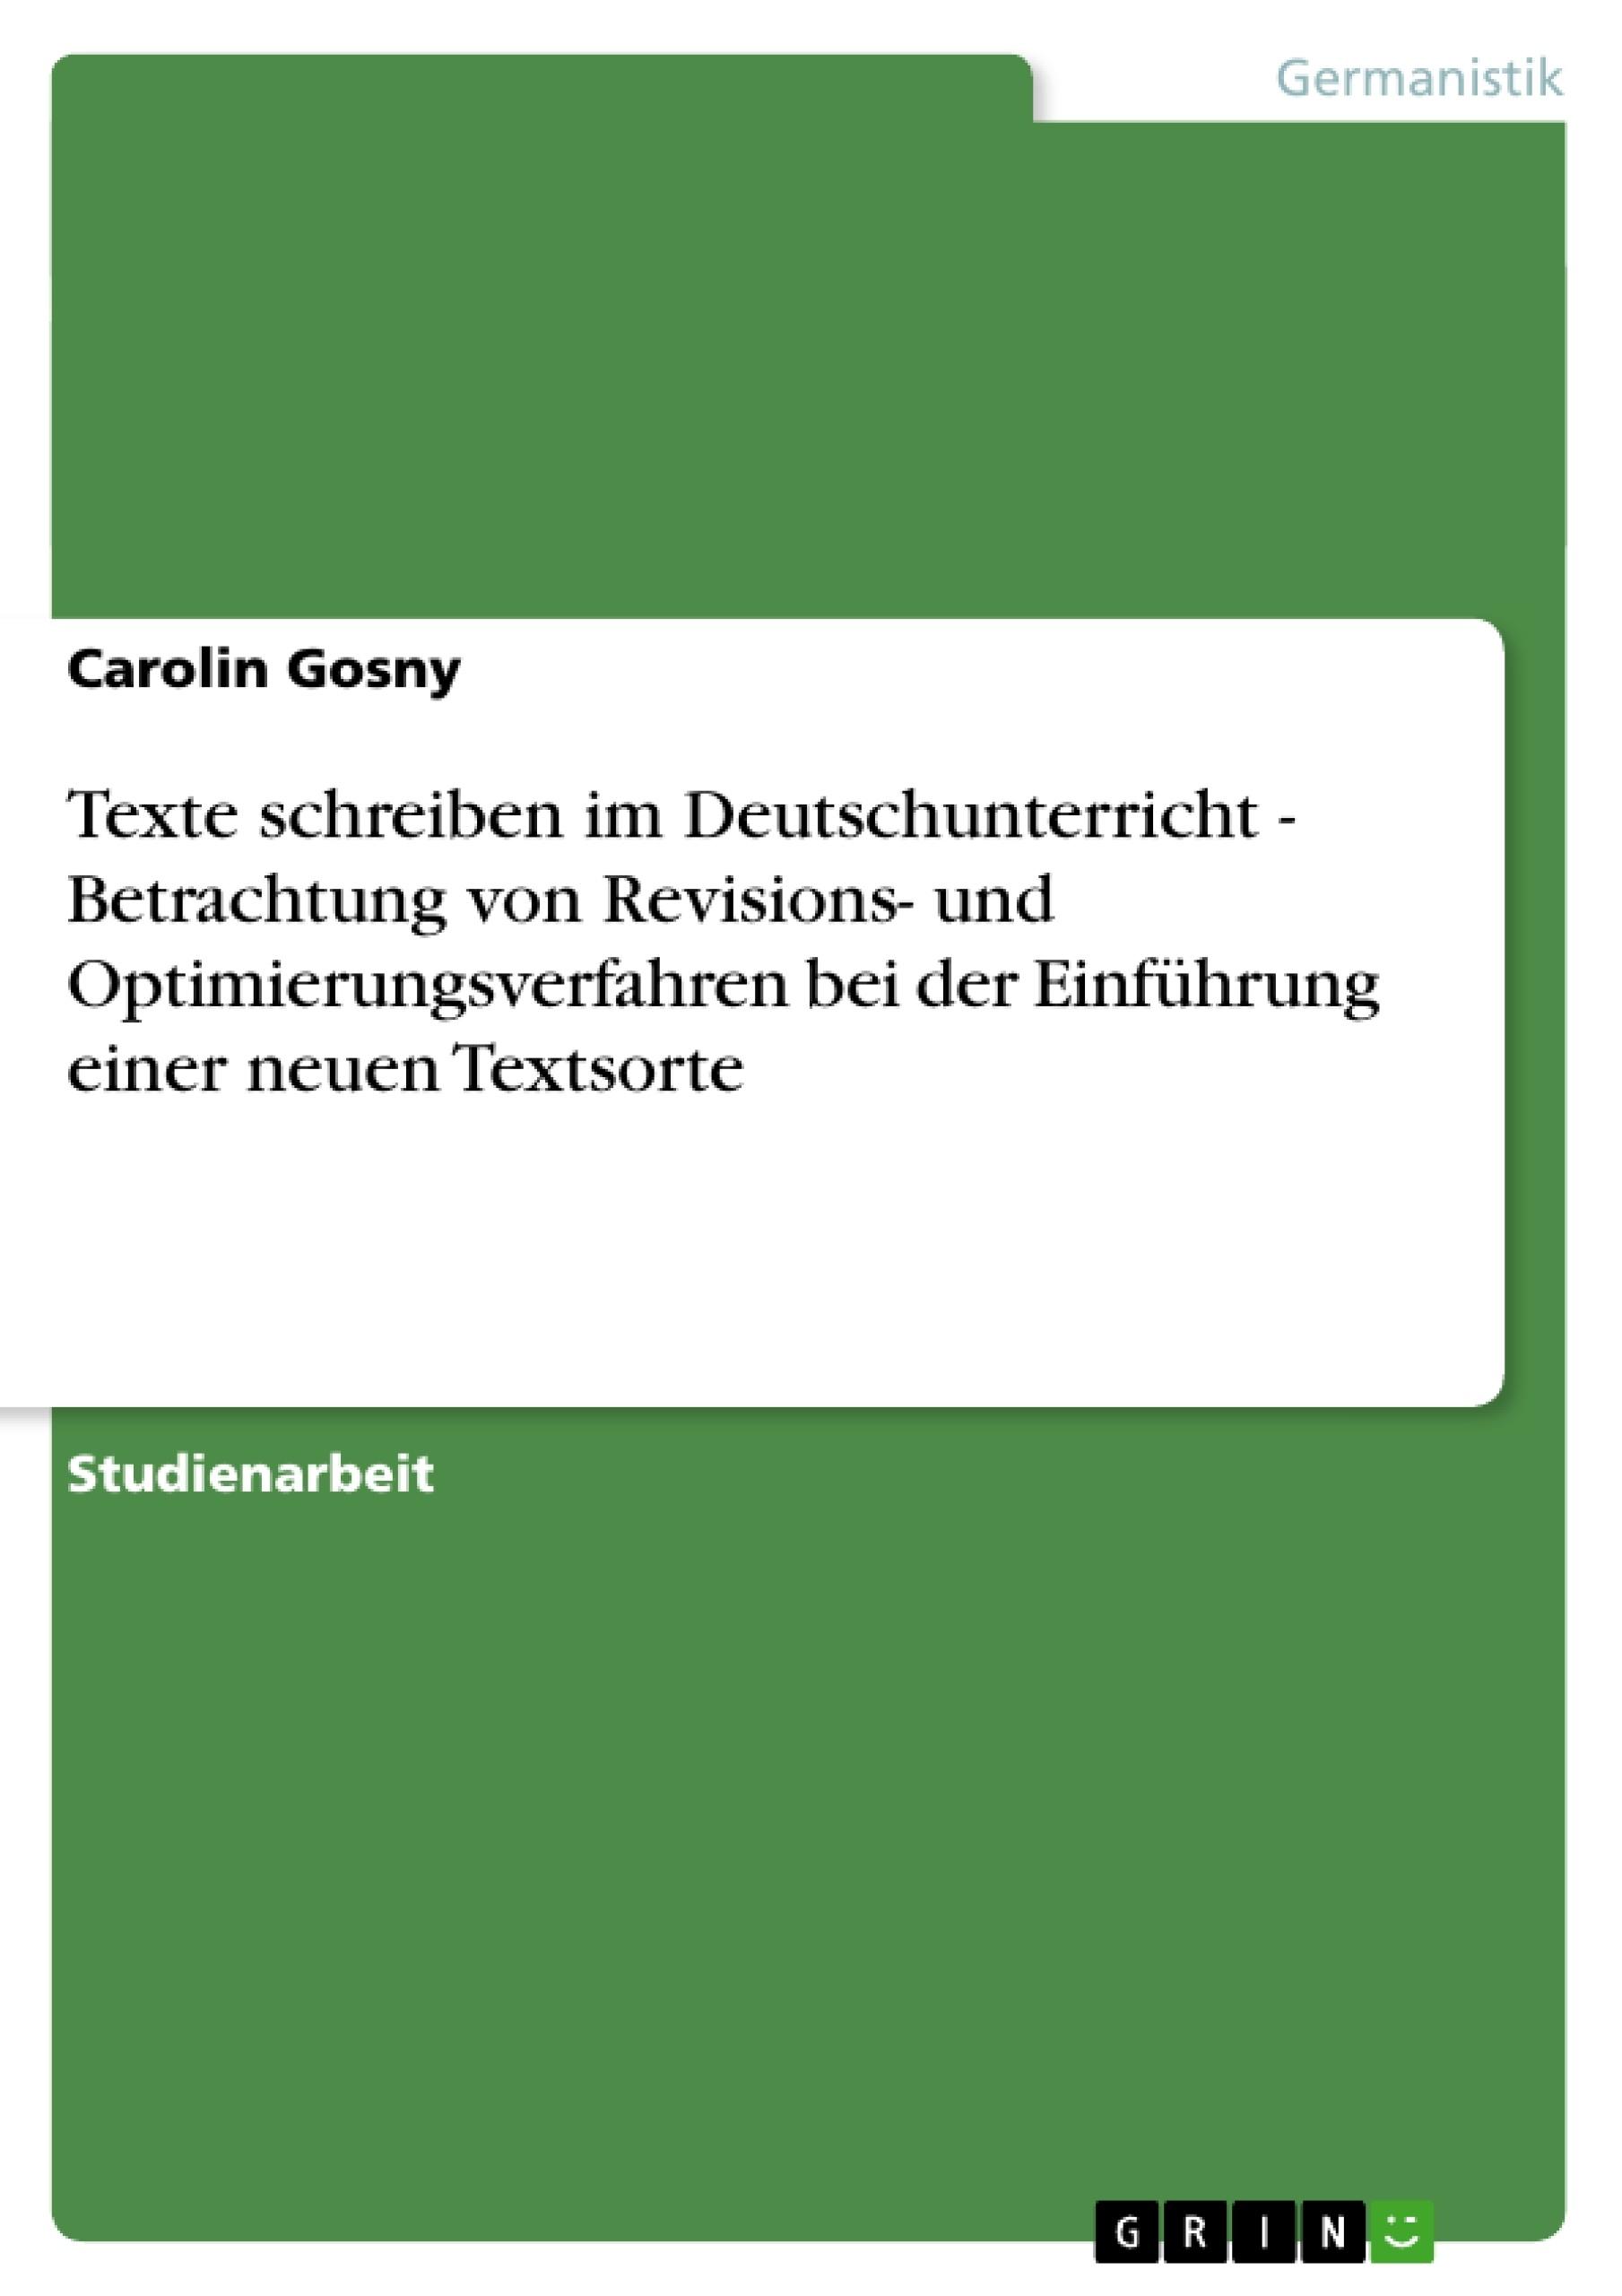 Titel: Texte schreiben im Deutschunterricht - Betrachtung von Revisions- und Optimierungsverfahren bei der Einführung einer neuen Textsorte